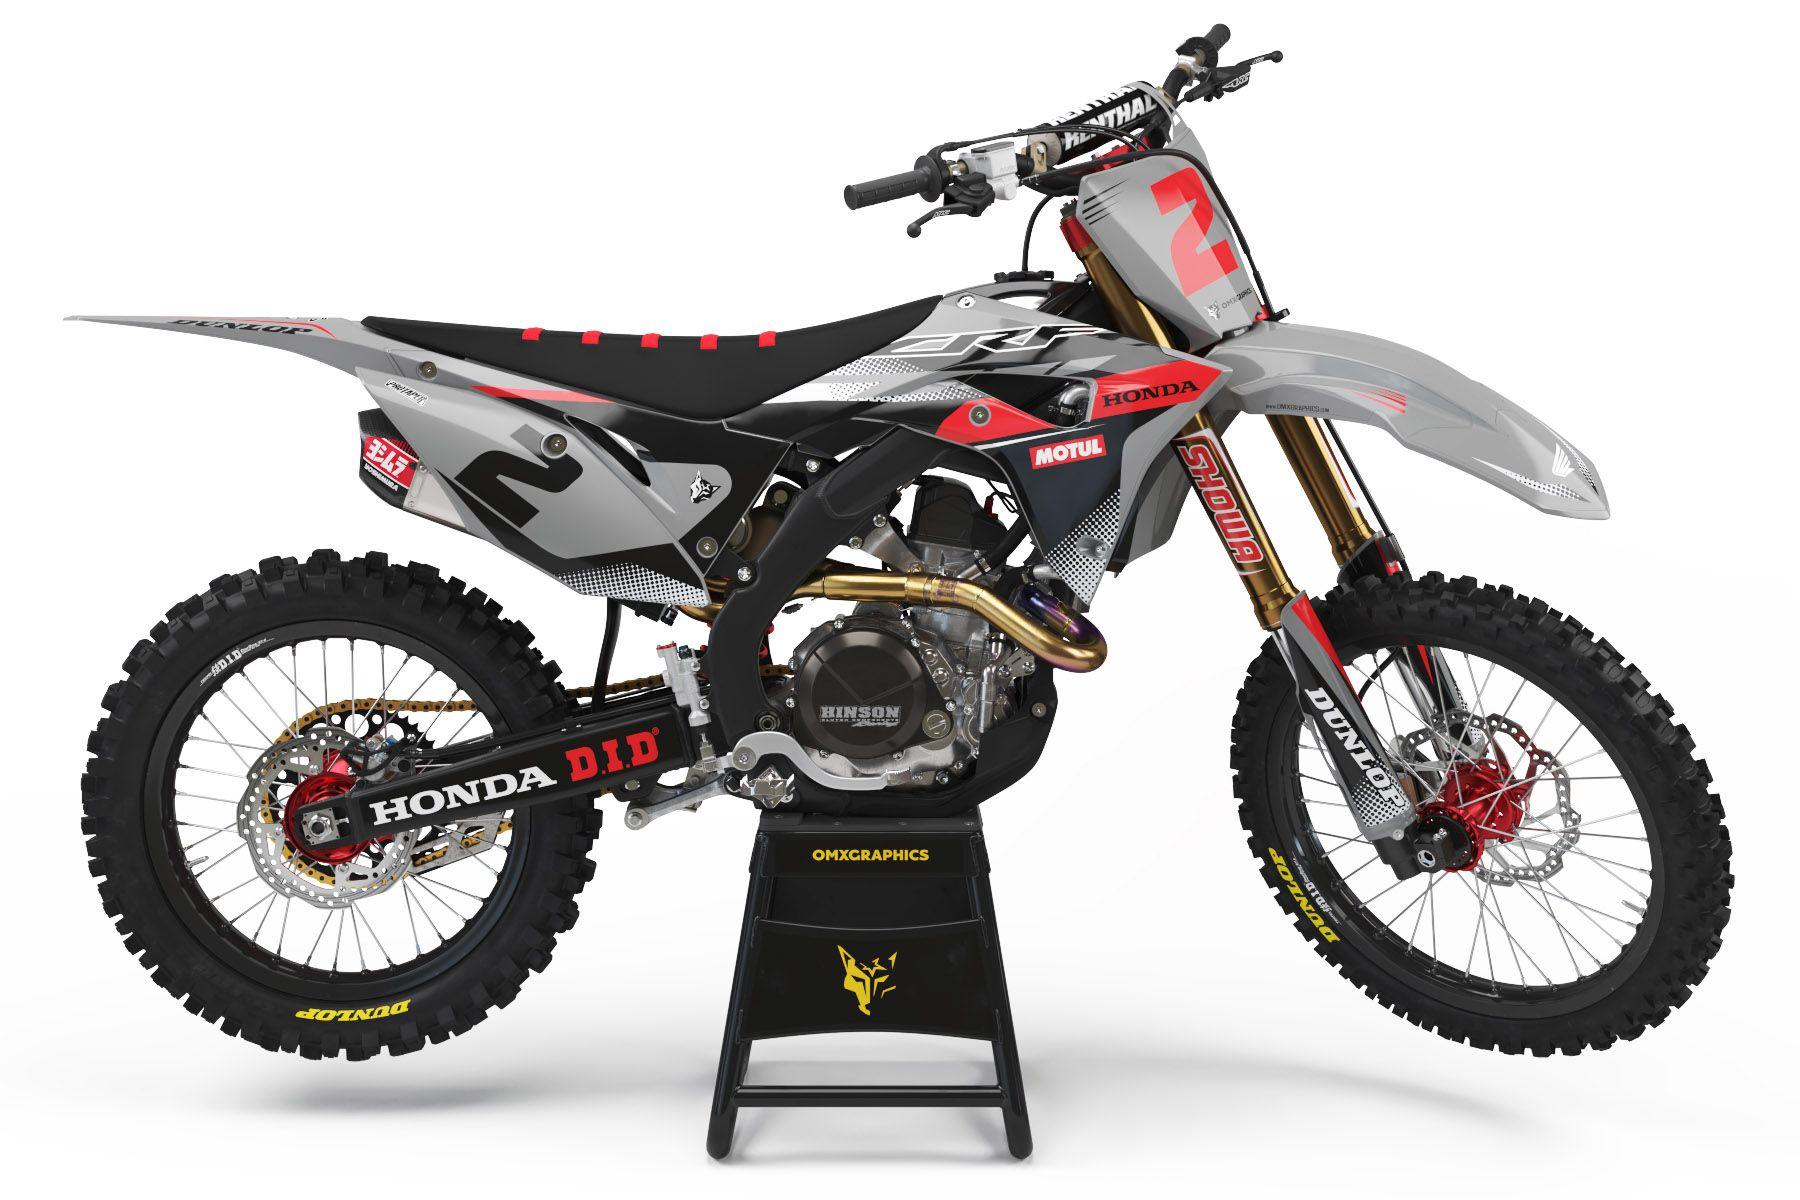 Honda Mx Graphics Prime Grey In 2020 Honda Dirt Bike Motocross Honda